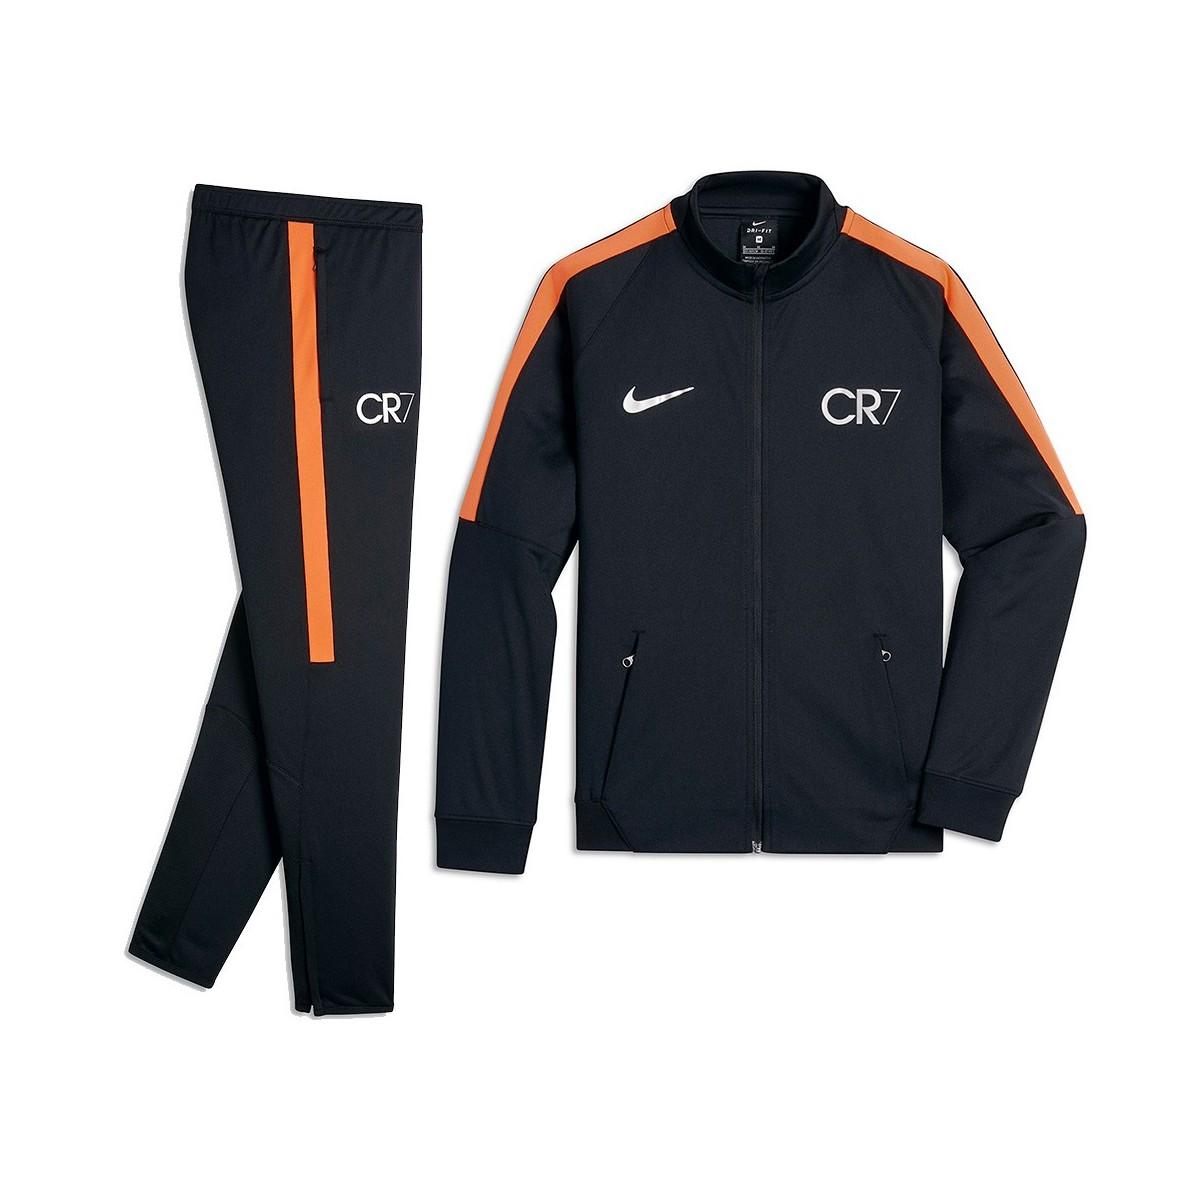 Survêtement Nike CR7 Noir Junior | Boutique 100% Sport